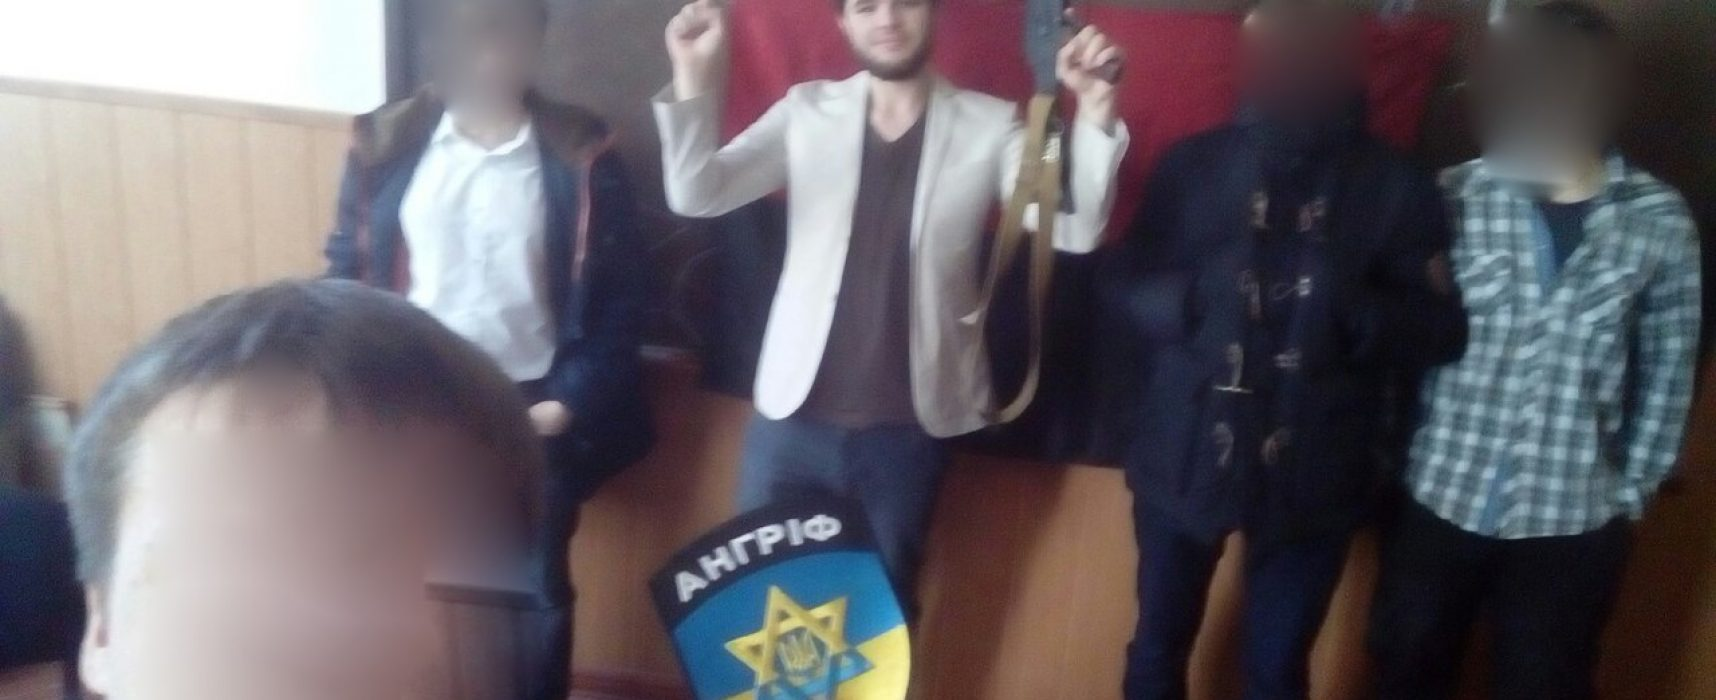 """Fake: Ukrainische Faschisten führen Unterricht in """"Russophobie"""" durch"""